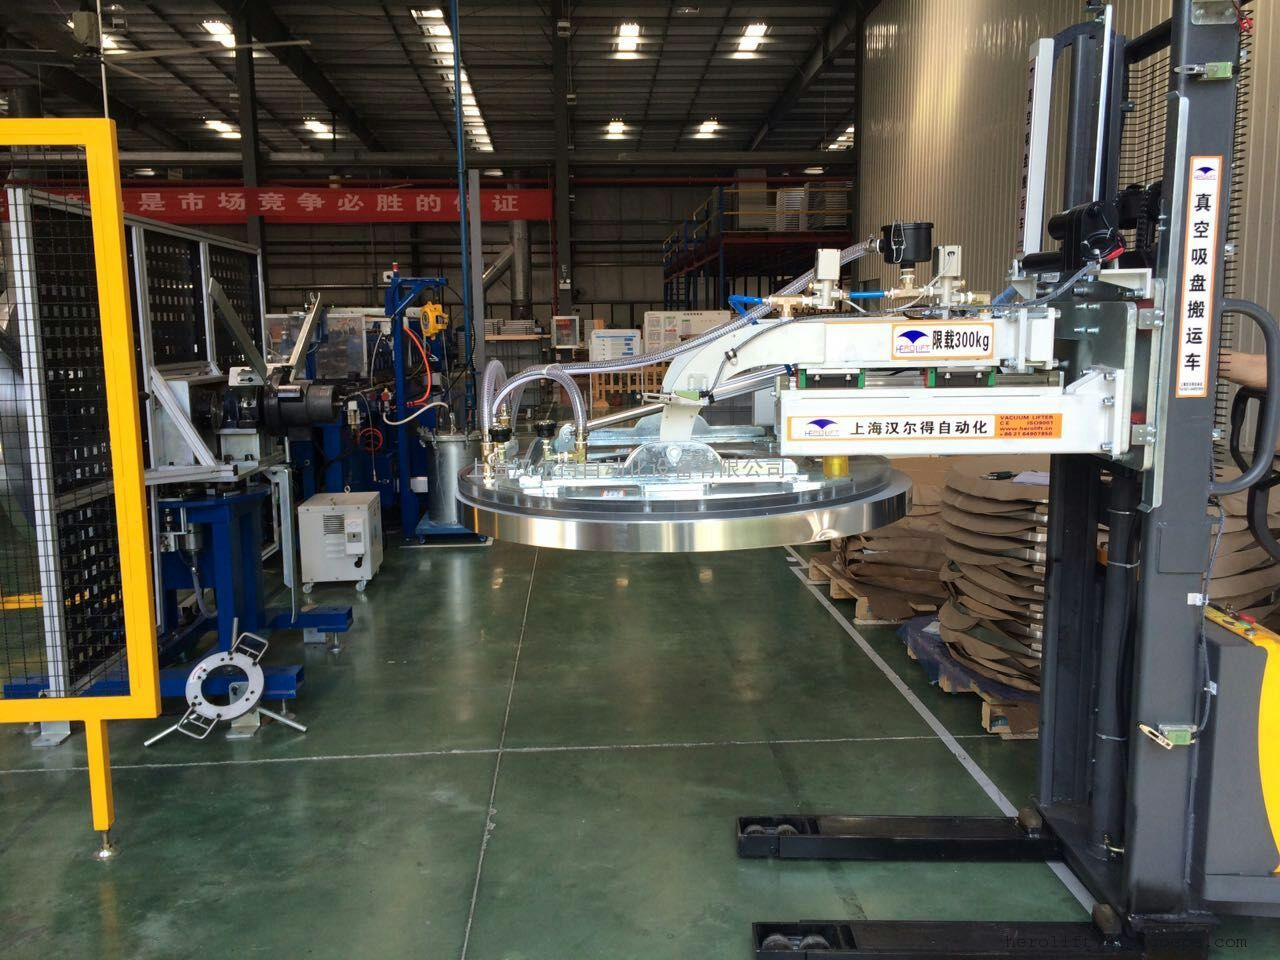 汽车散热器行业铝卷翅片机上料吸盘、铝卷吊具、电动吸盘搬运车